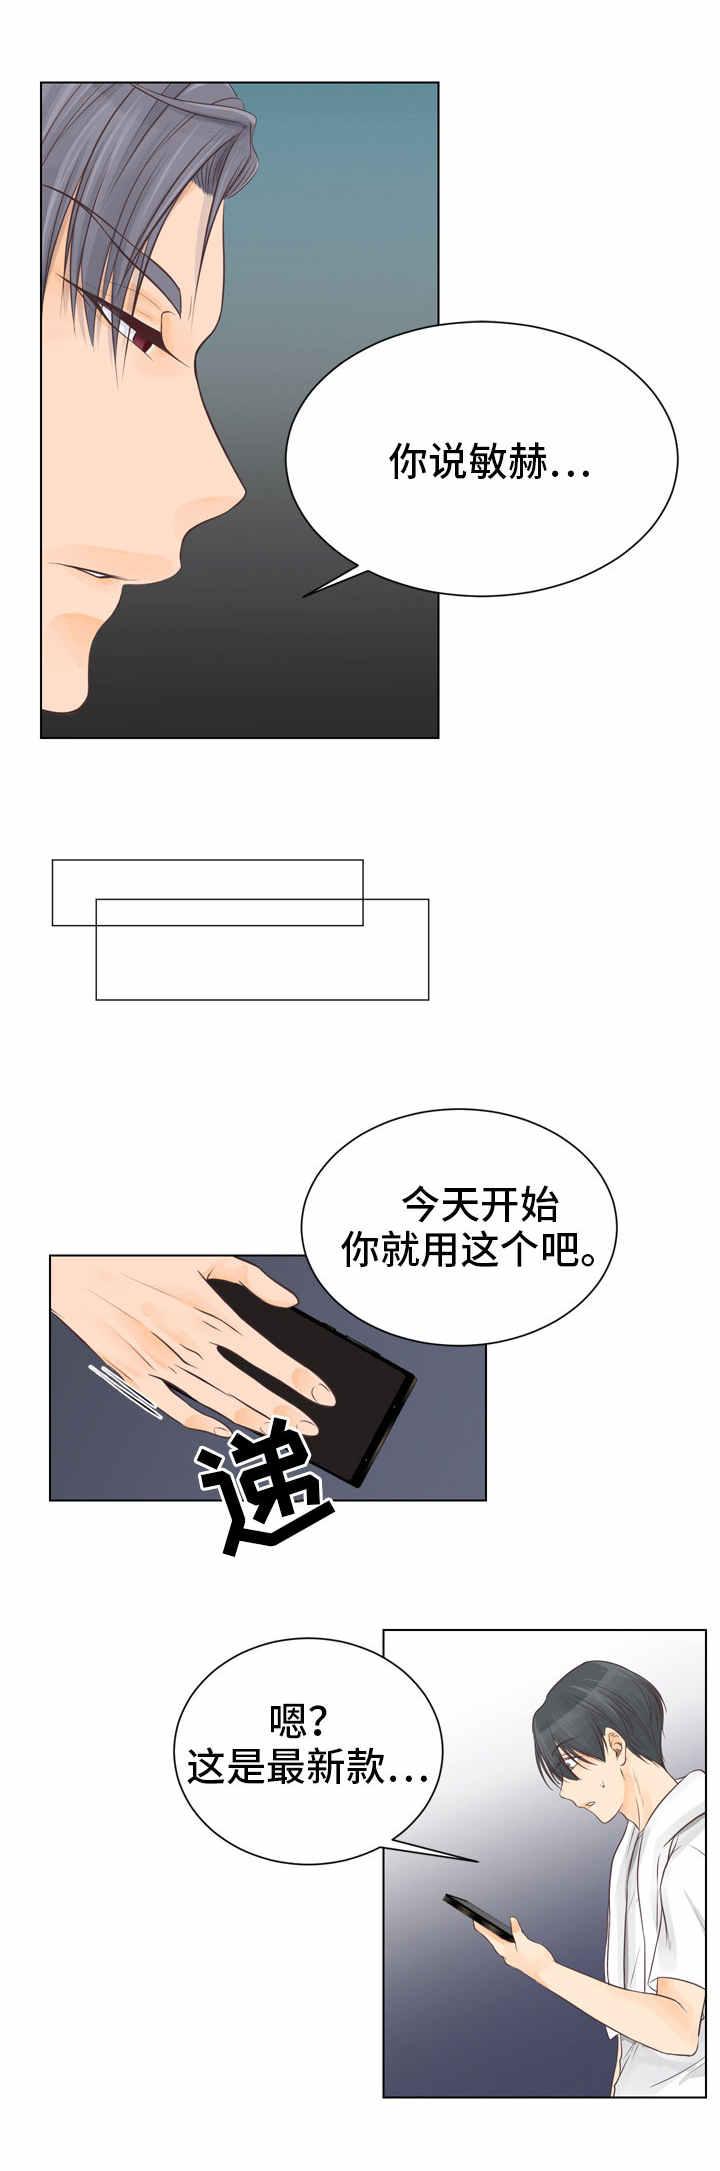 《人生囚徒》漫画免费阅读 在线完本 & 无遮挡韩漫